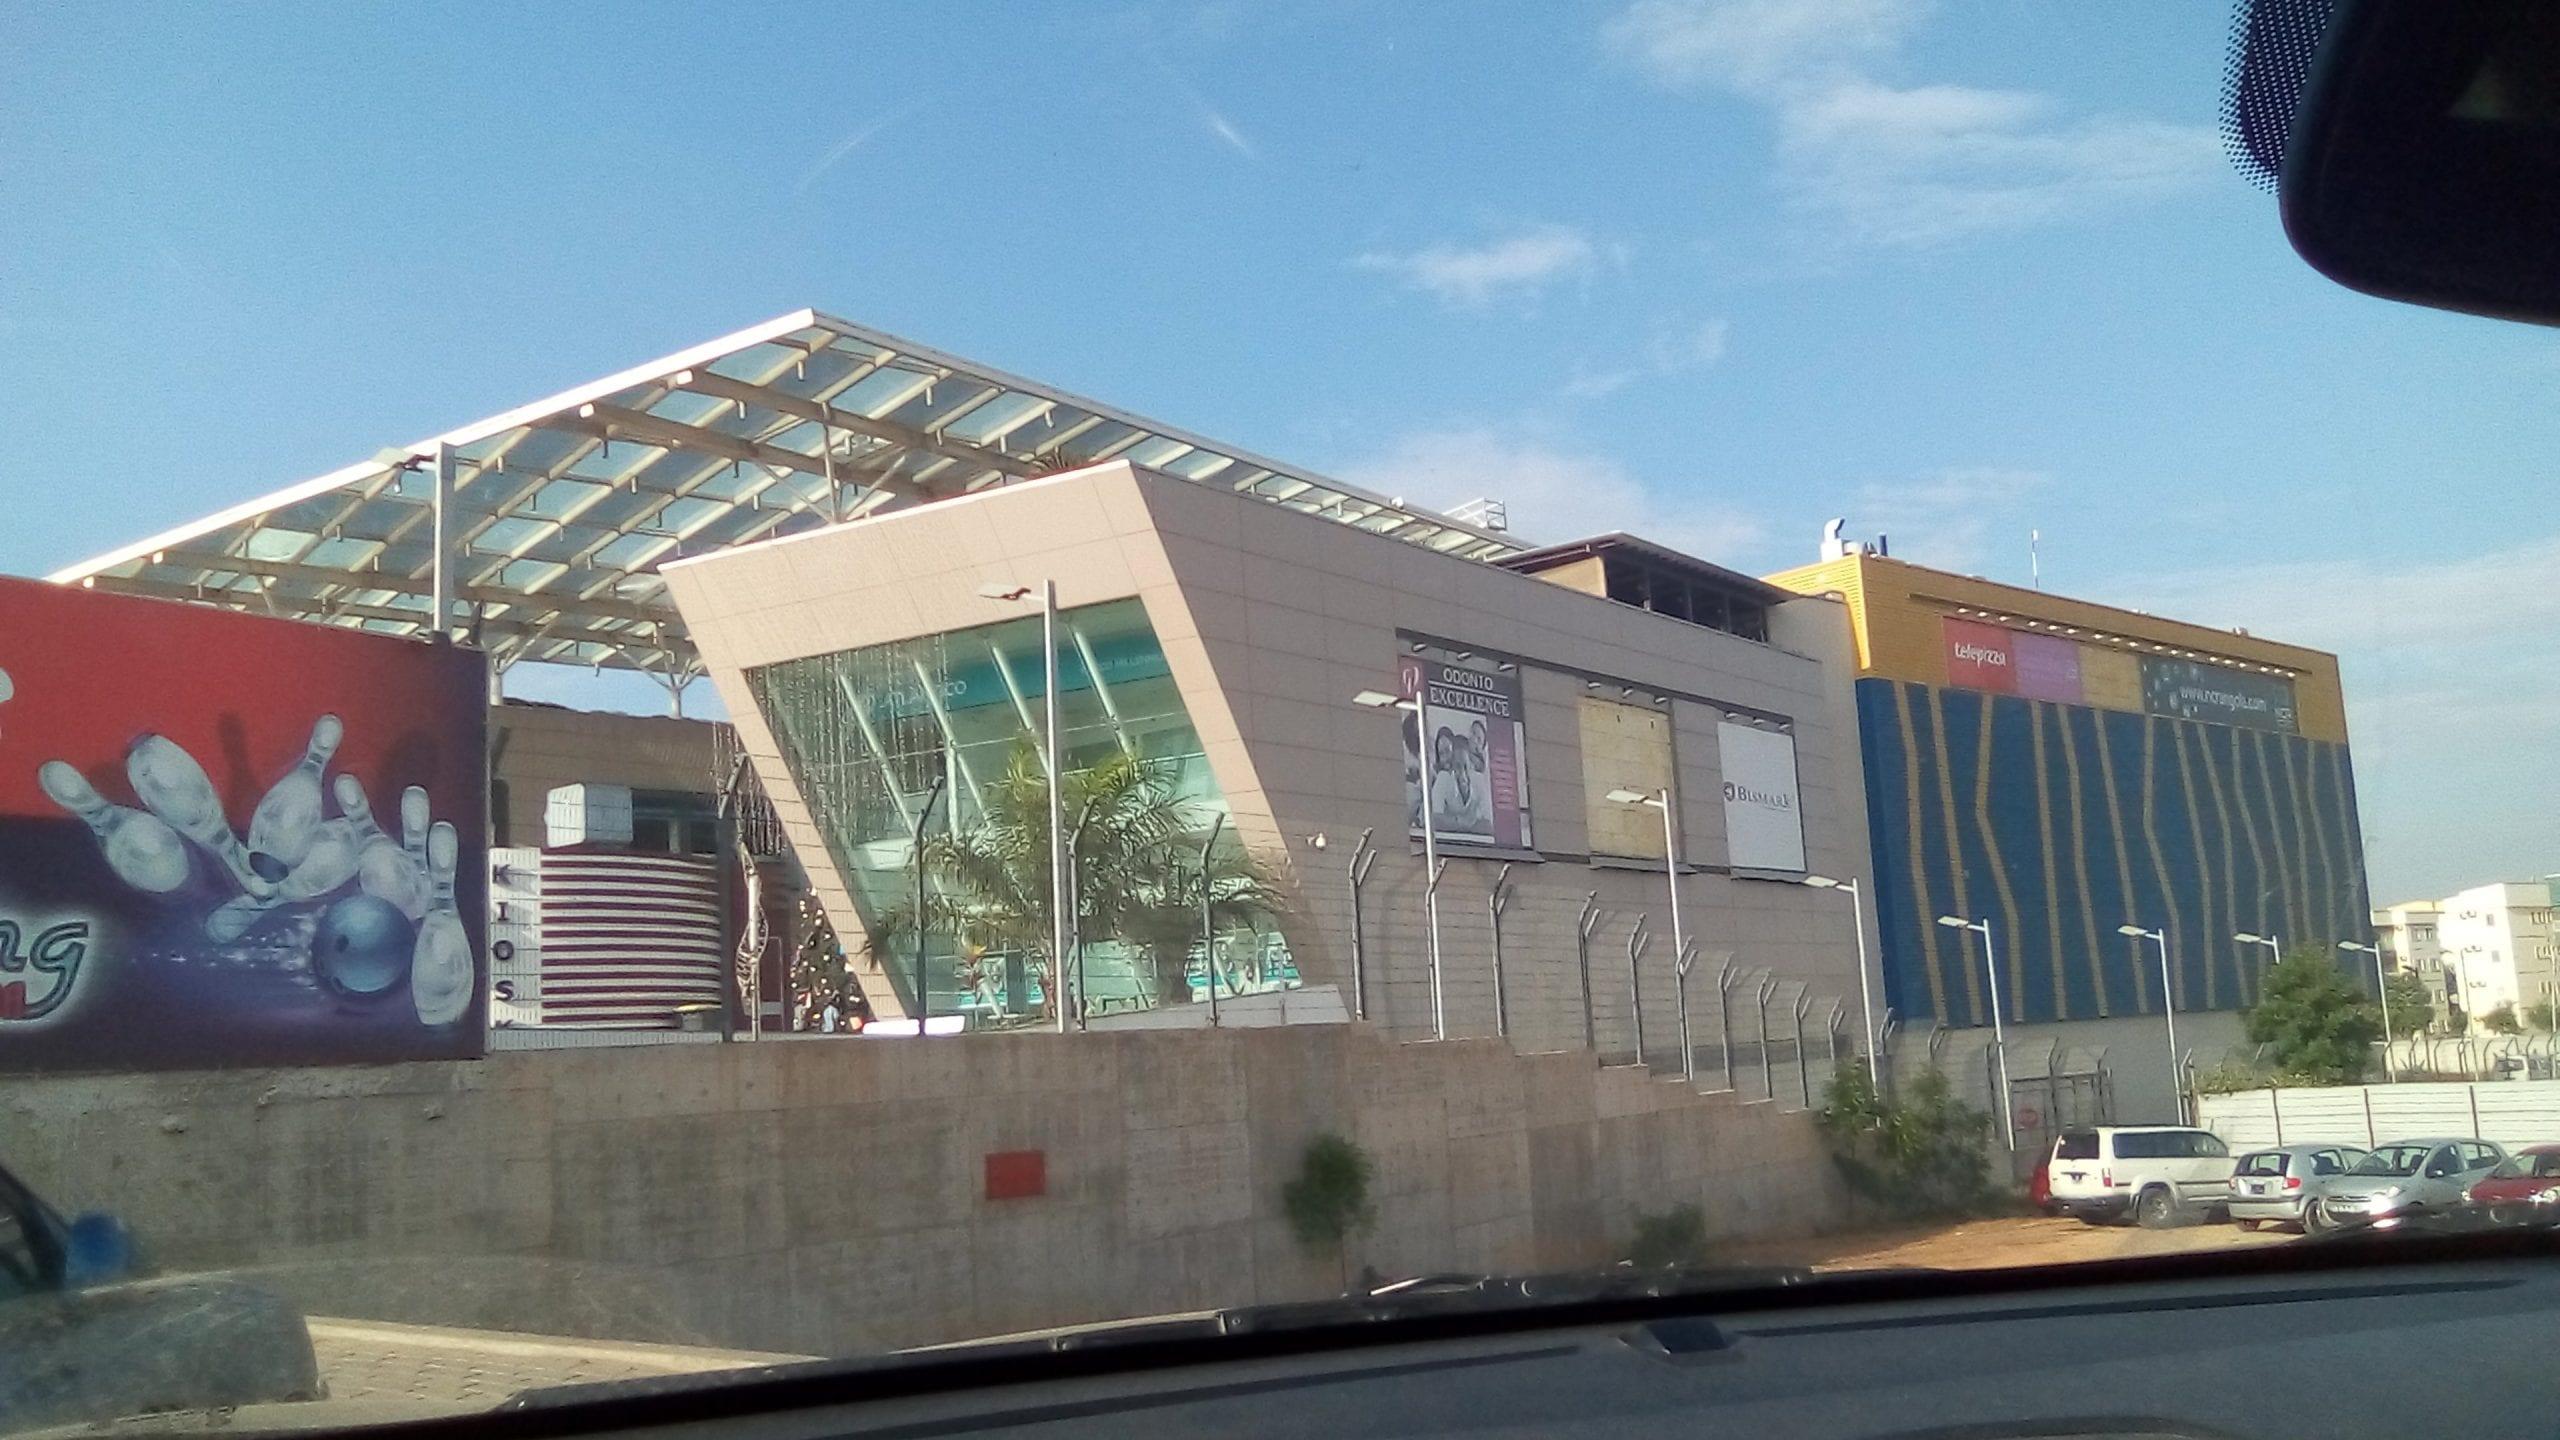 Atrium Nova Vida shopping malls in Luanda